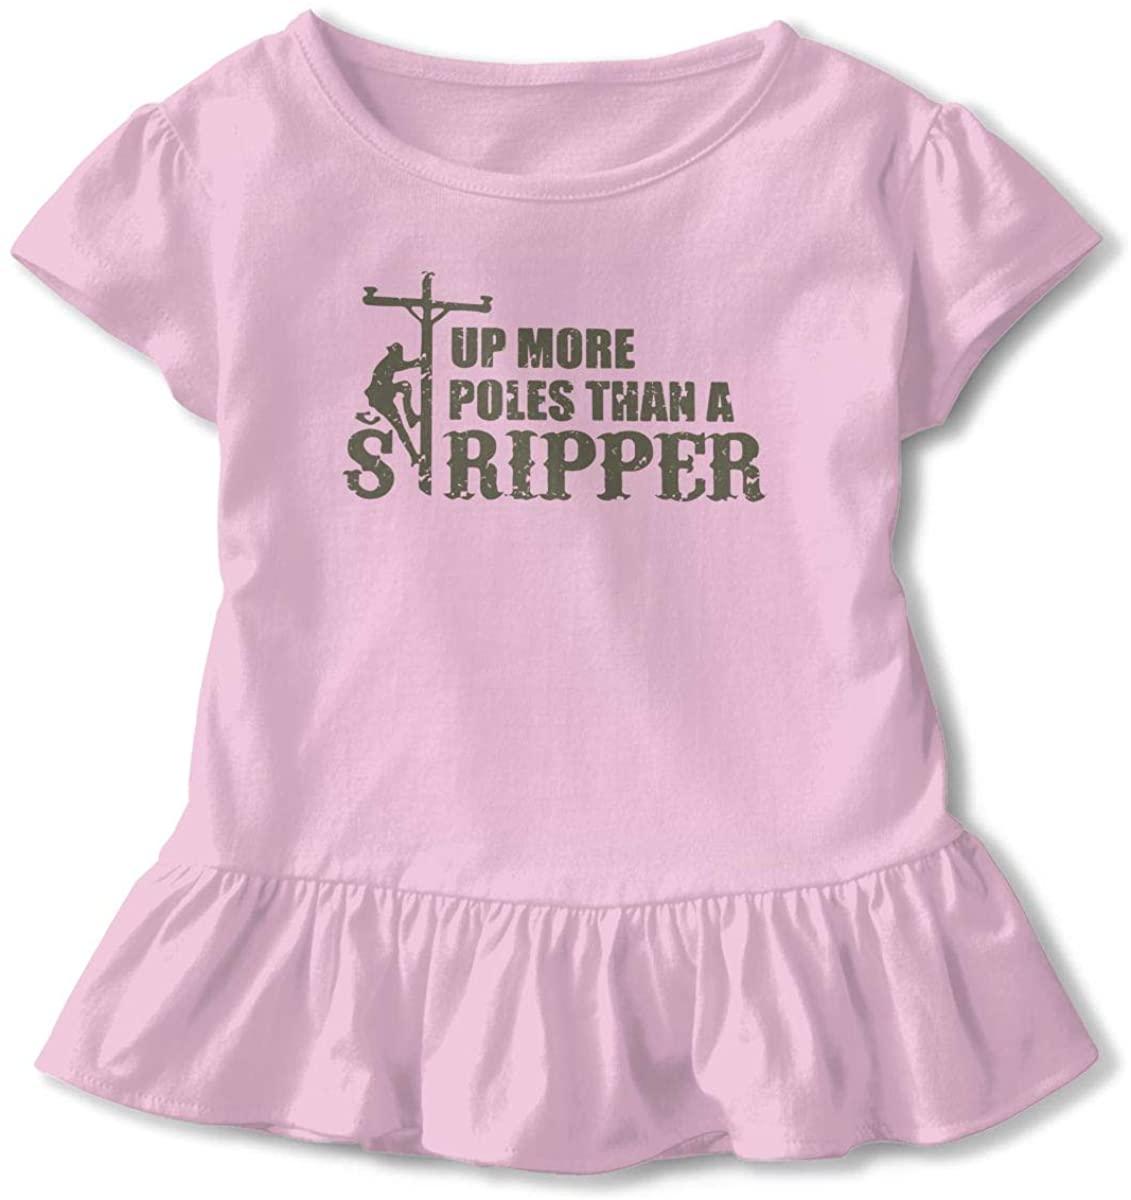 EASON-G Toddler Girl's Ruffle T-Shirt Up More Poles Than A Stripper Short Sleeve 2-6T